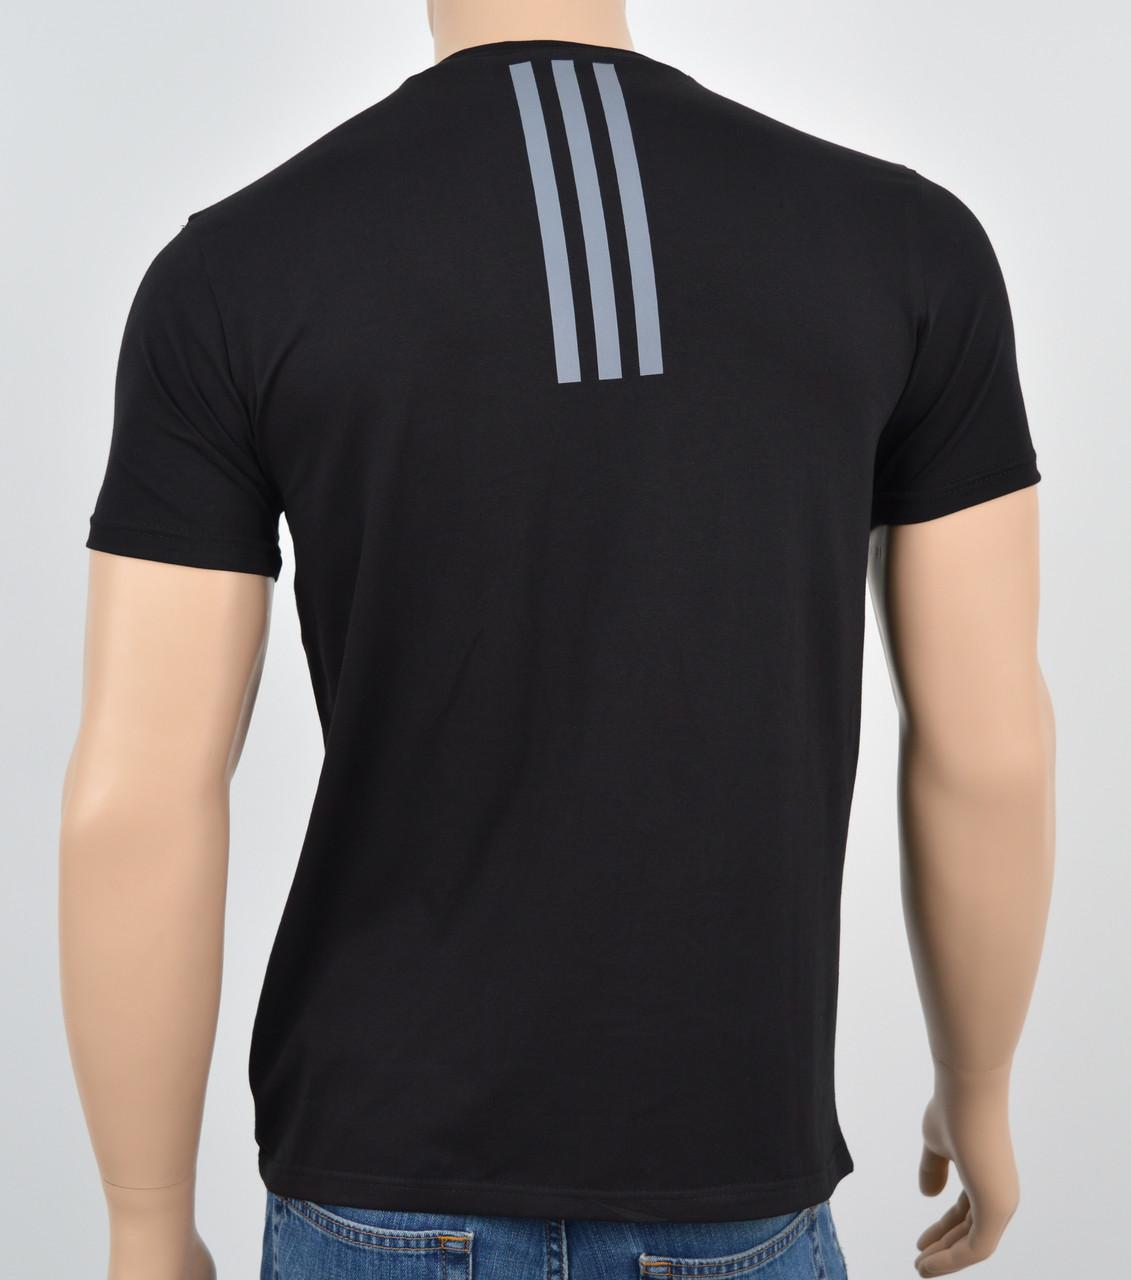 """Мужская футболка """"Премиум"""" Adidas(реплика) Спинка Черный"""